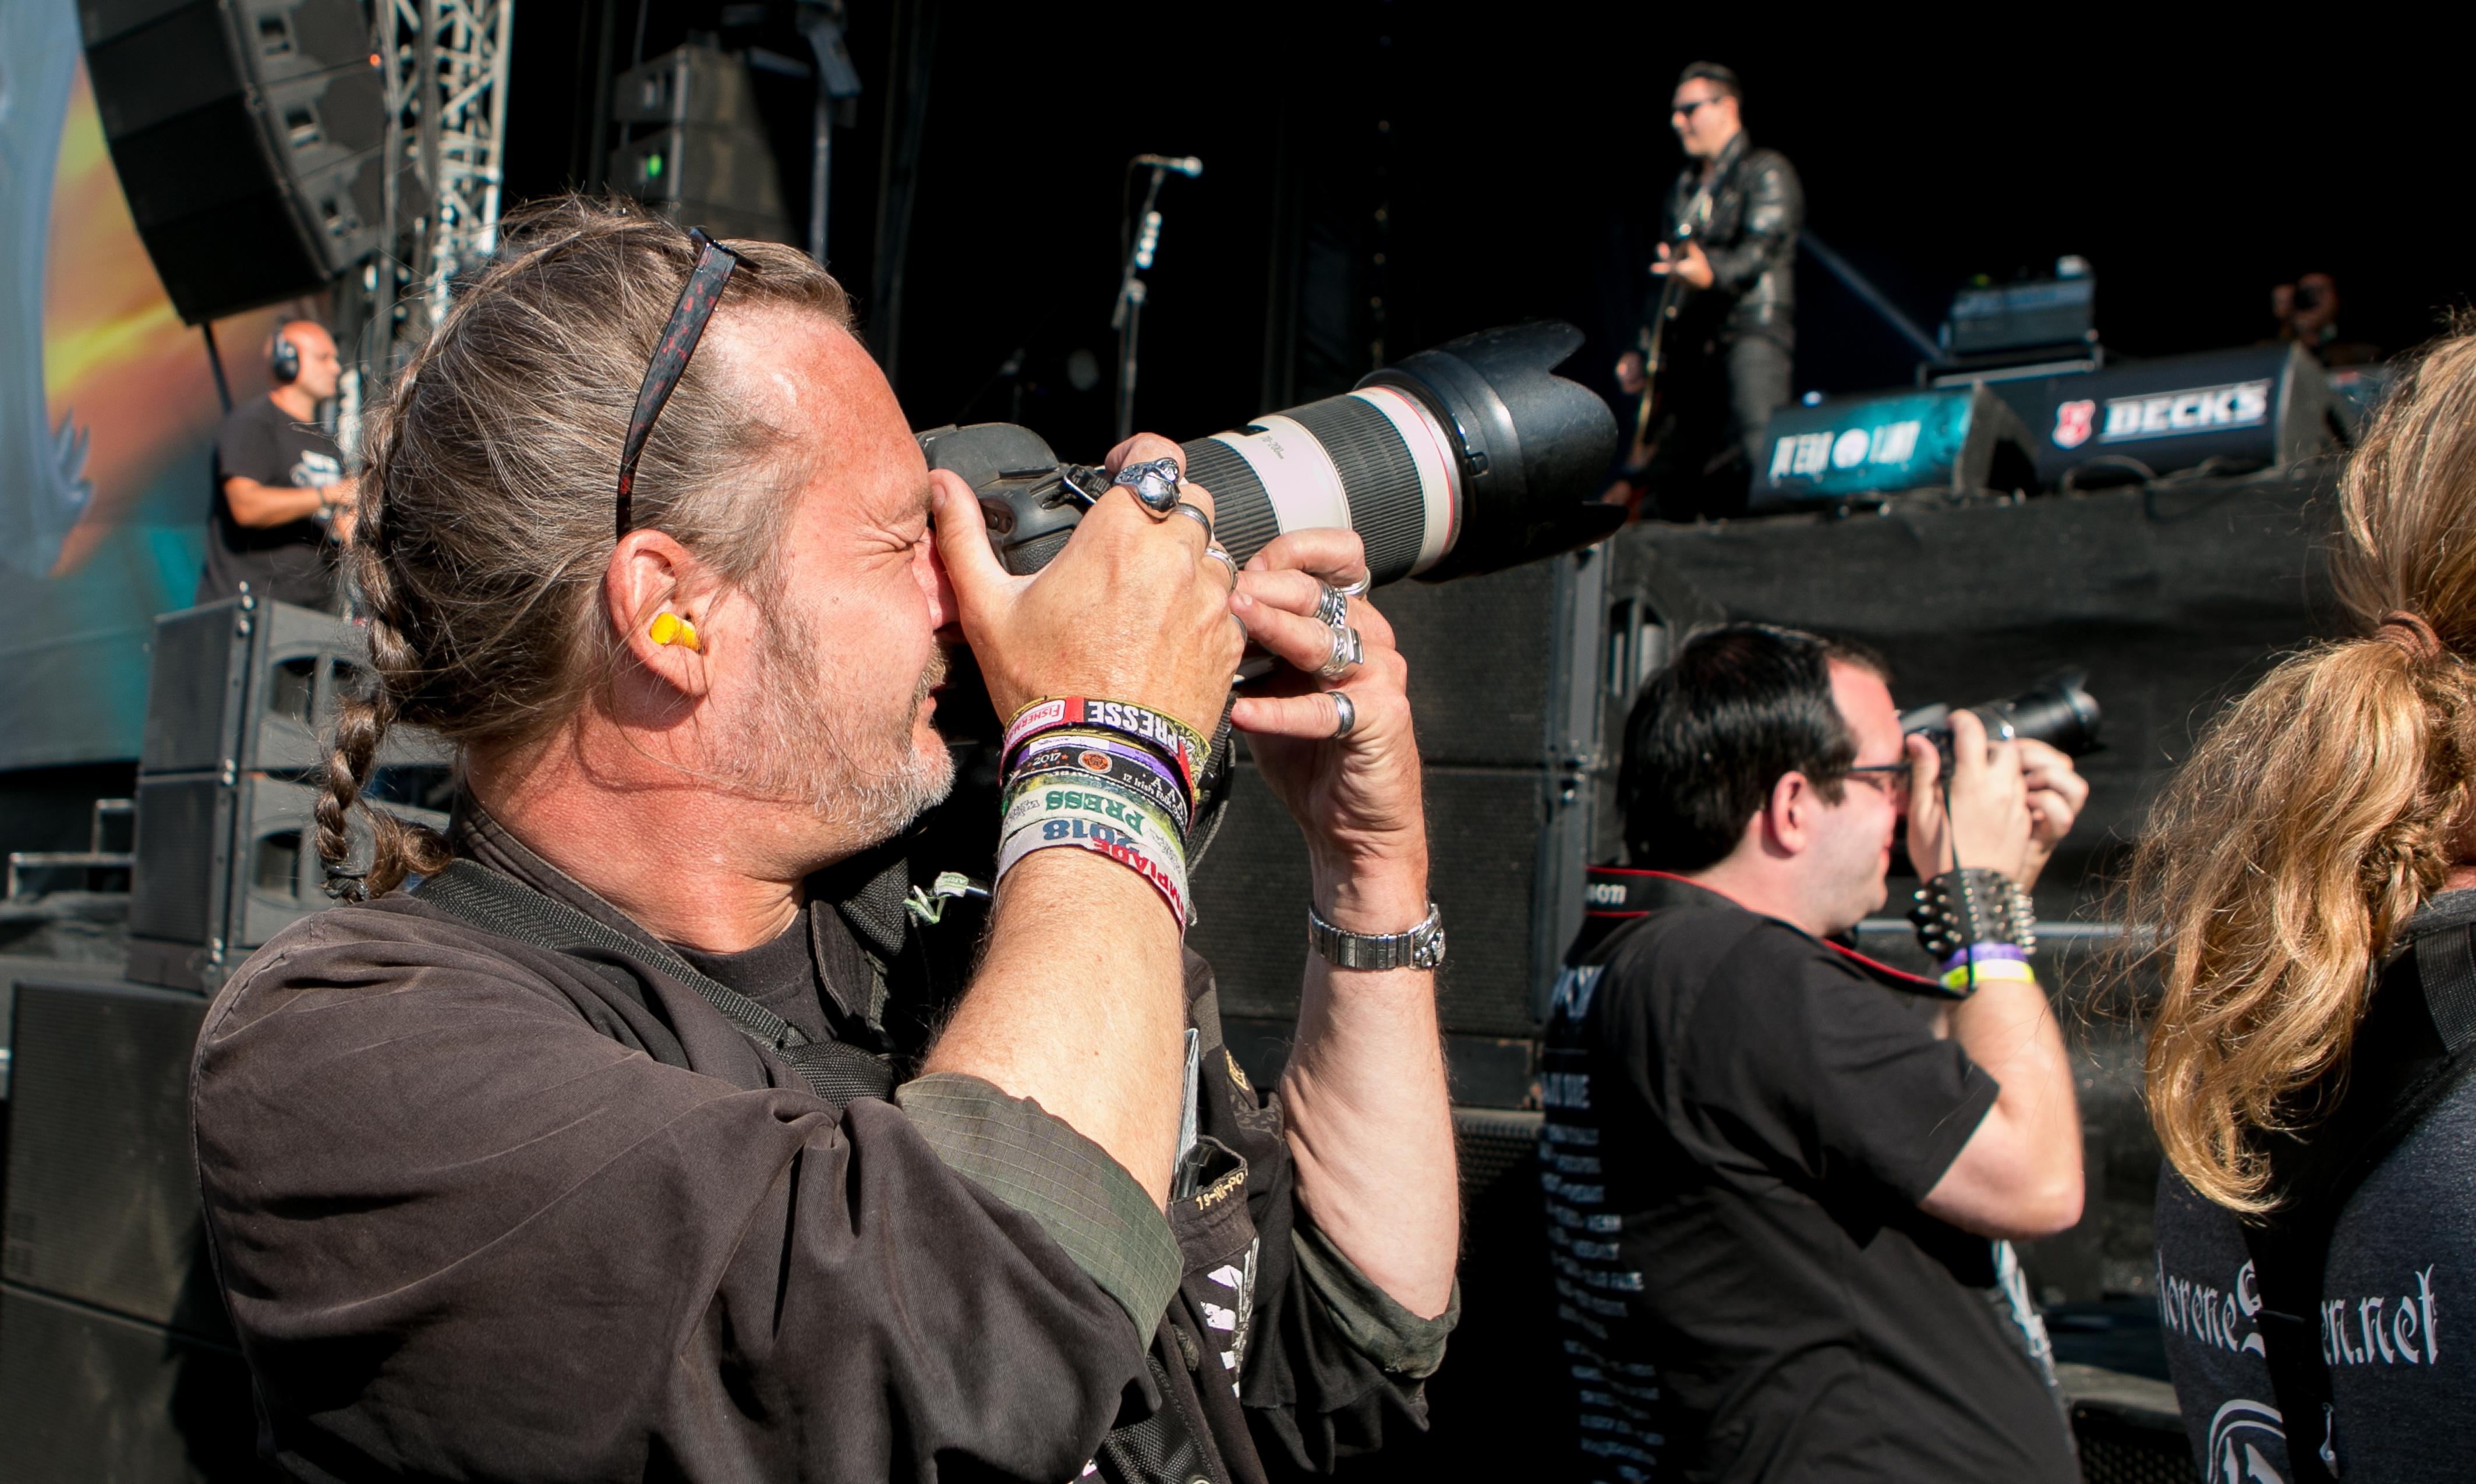 Event im Sucher: Dirk Jacobs bei der Arbeit. Foto: Nicole Crystall